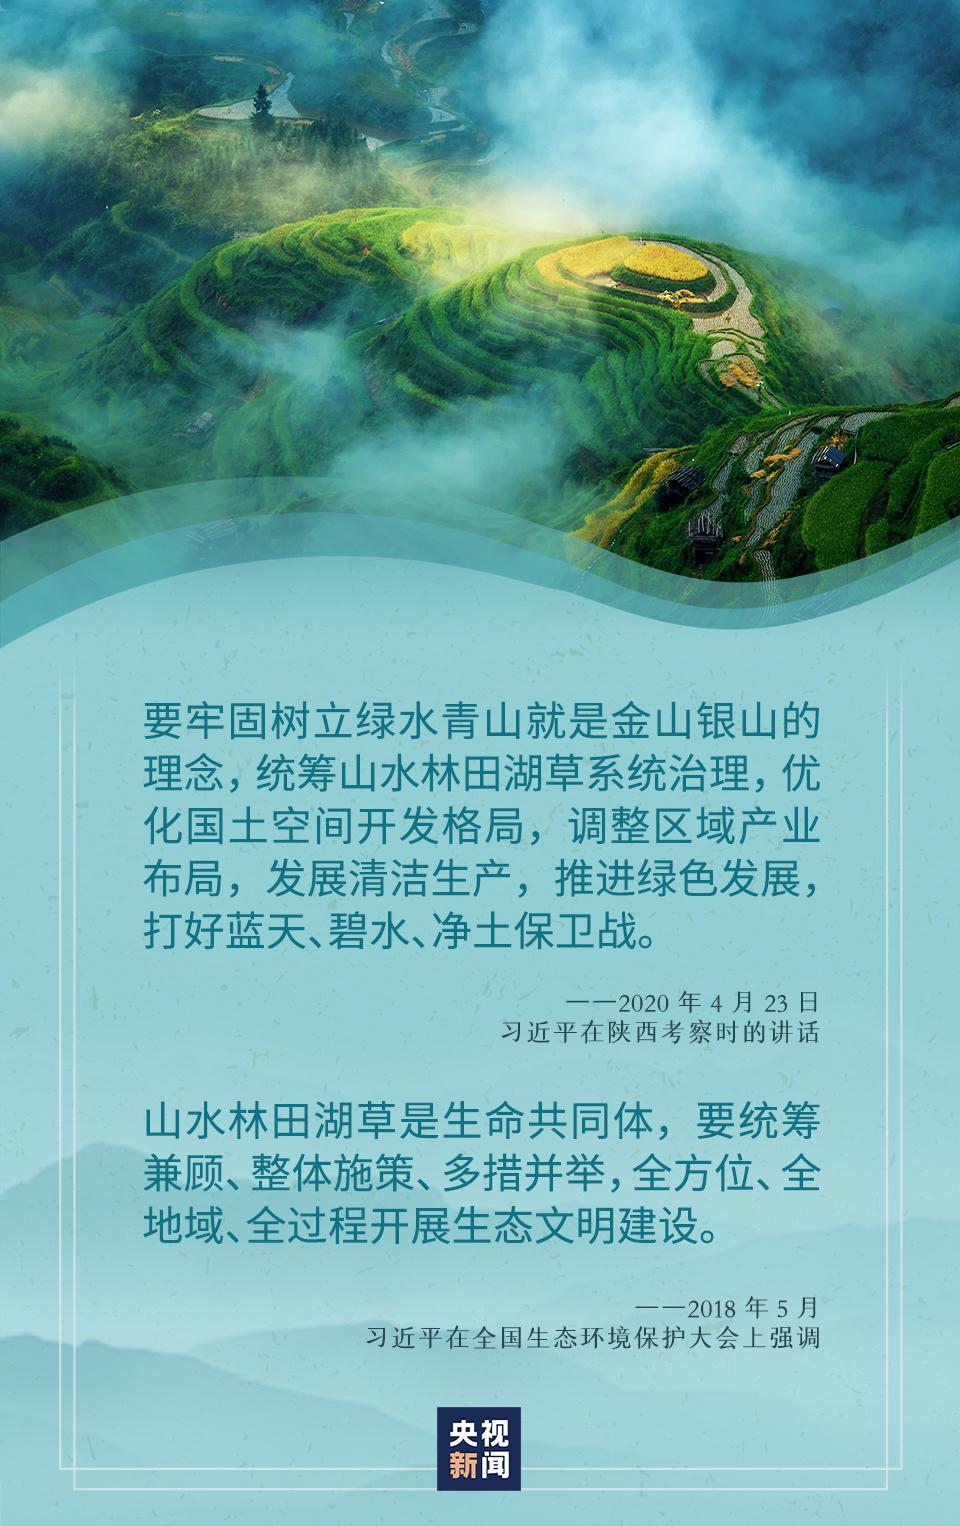 在汾河之滨,读懂习近平生态文明思想的丰富内涵